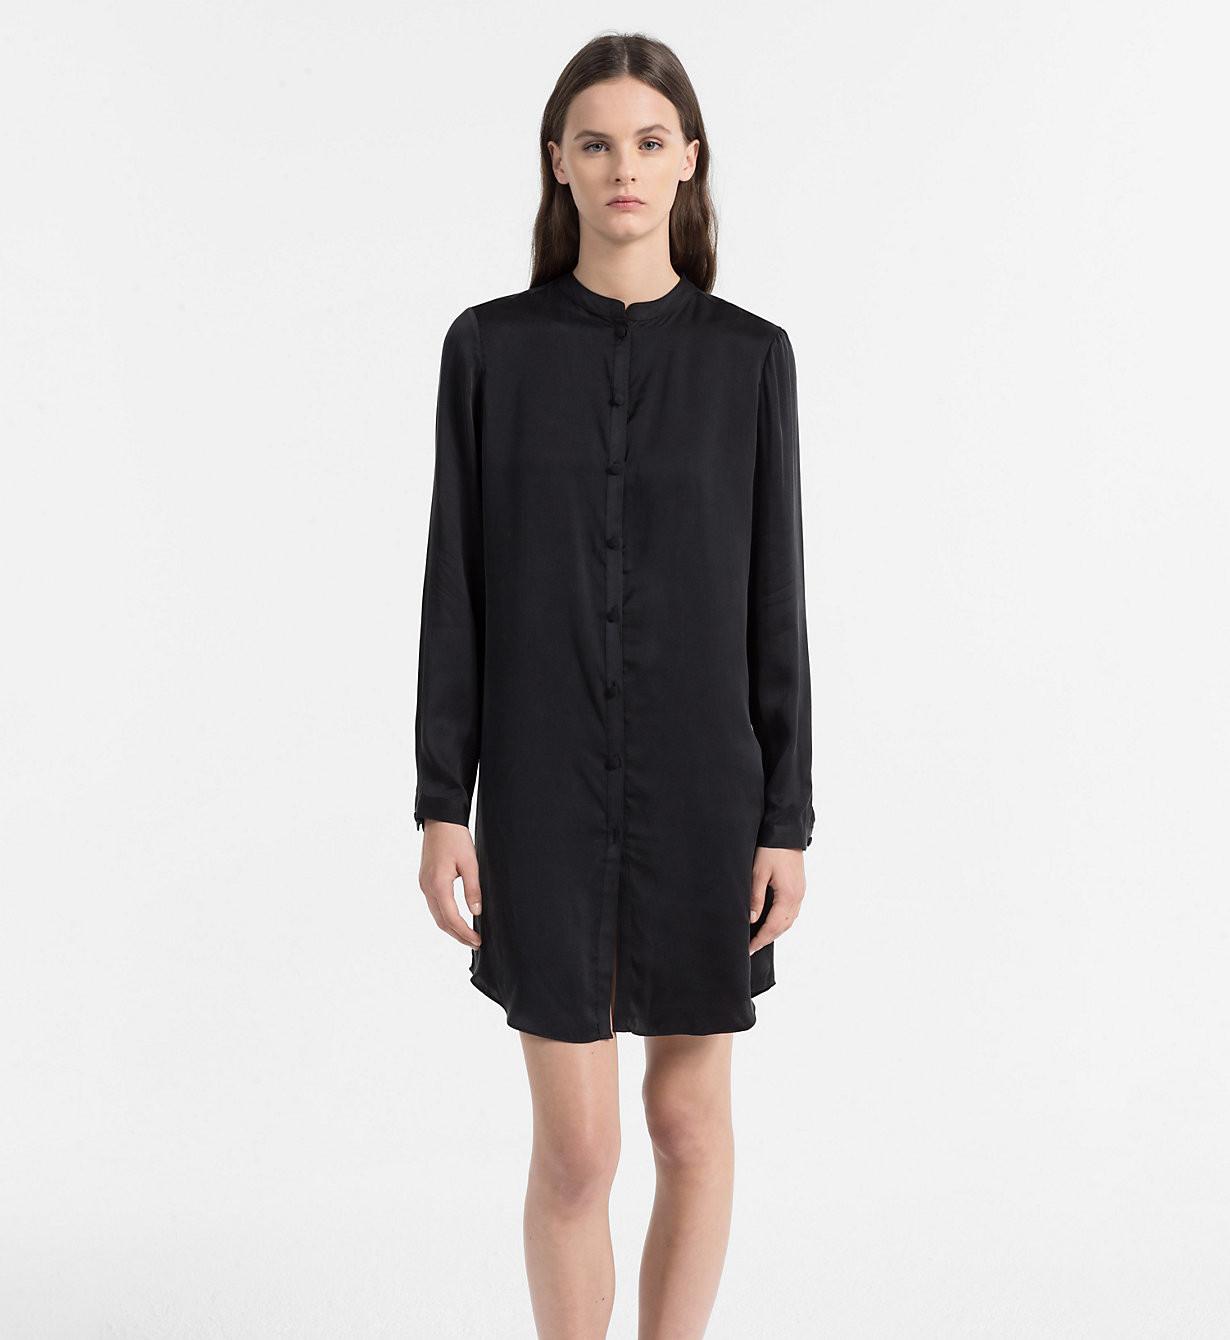 Dámská košile QS5794E - Calvin Klein černá S